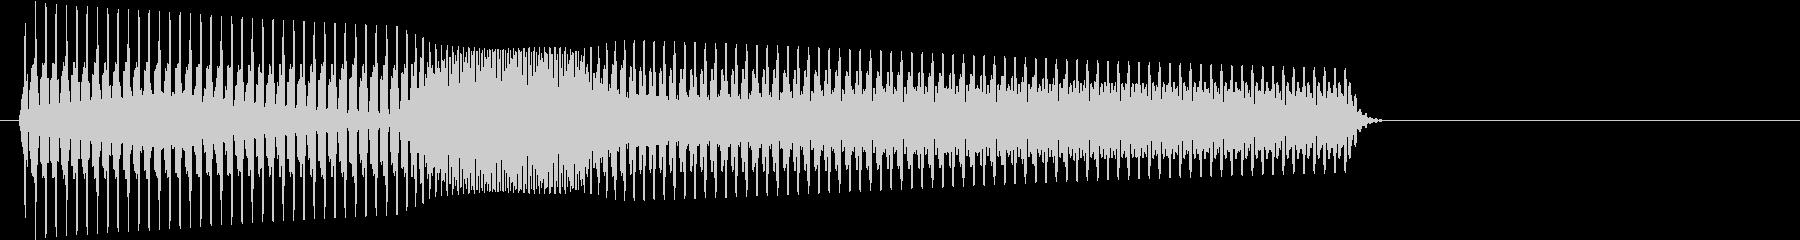 機械に喋らせたいときにどうぞの未再生の波形